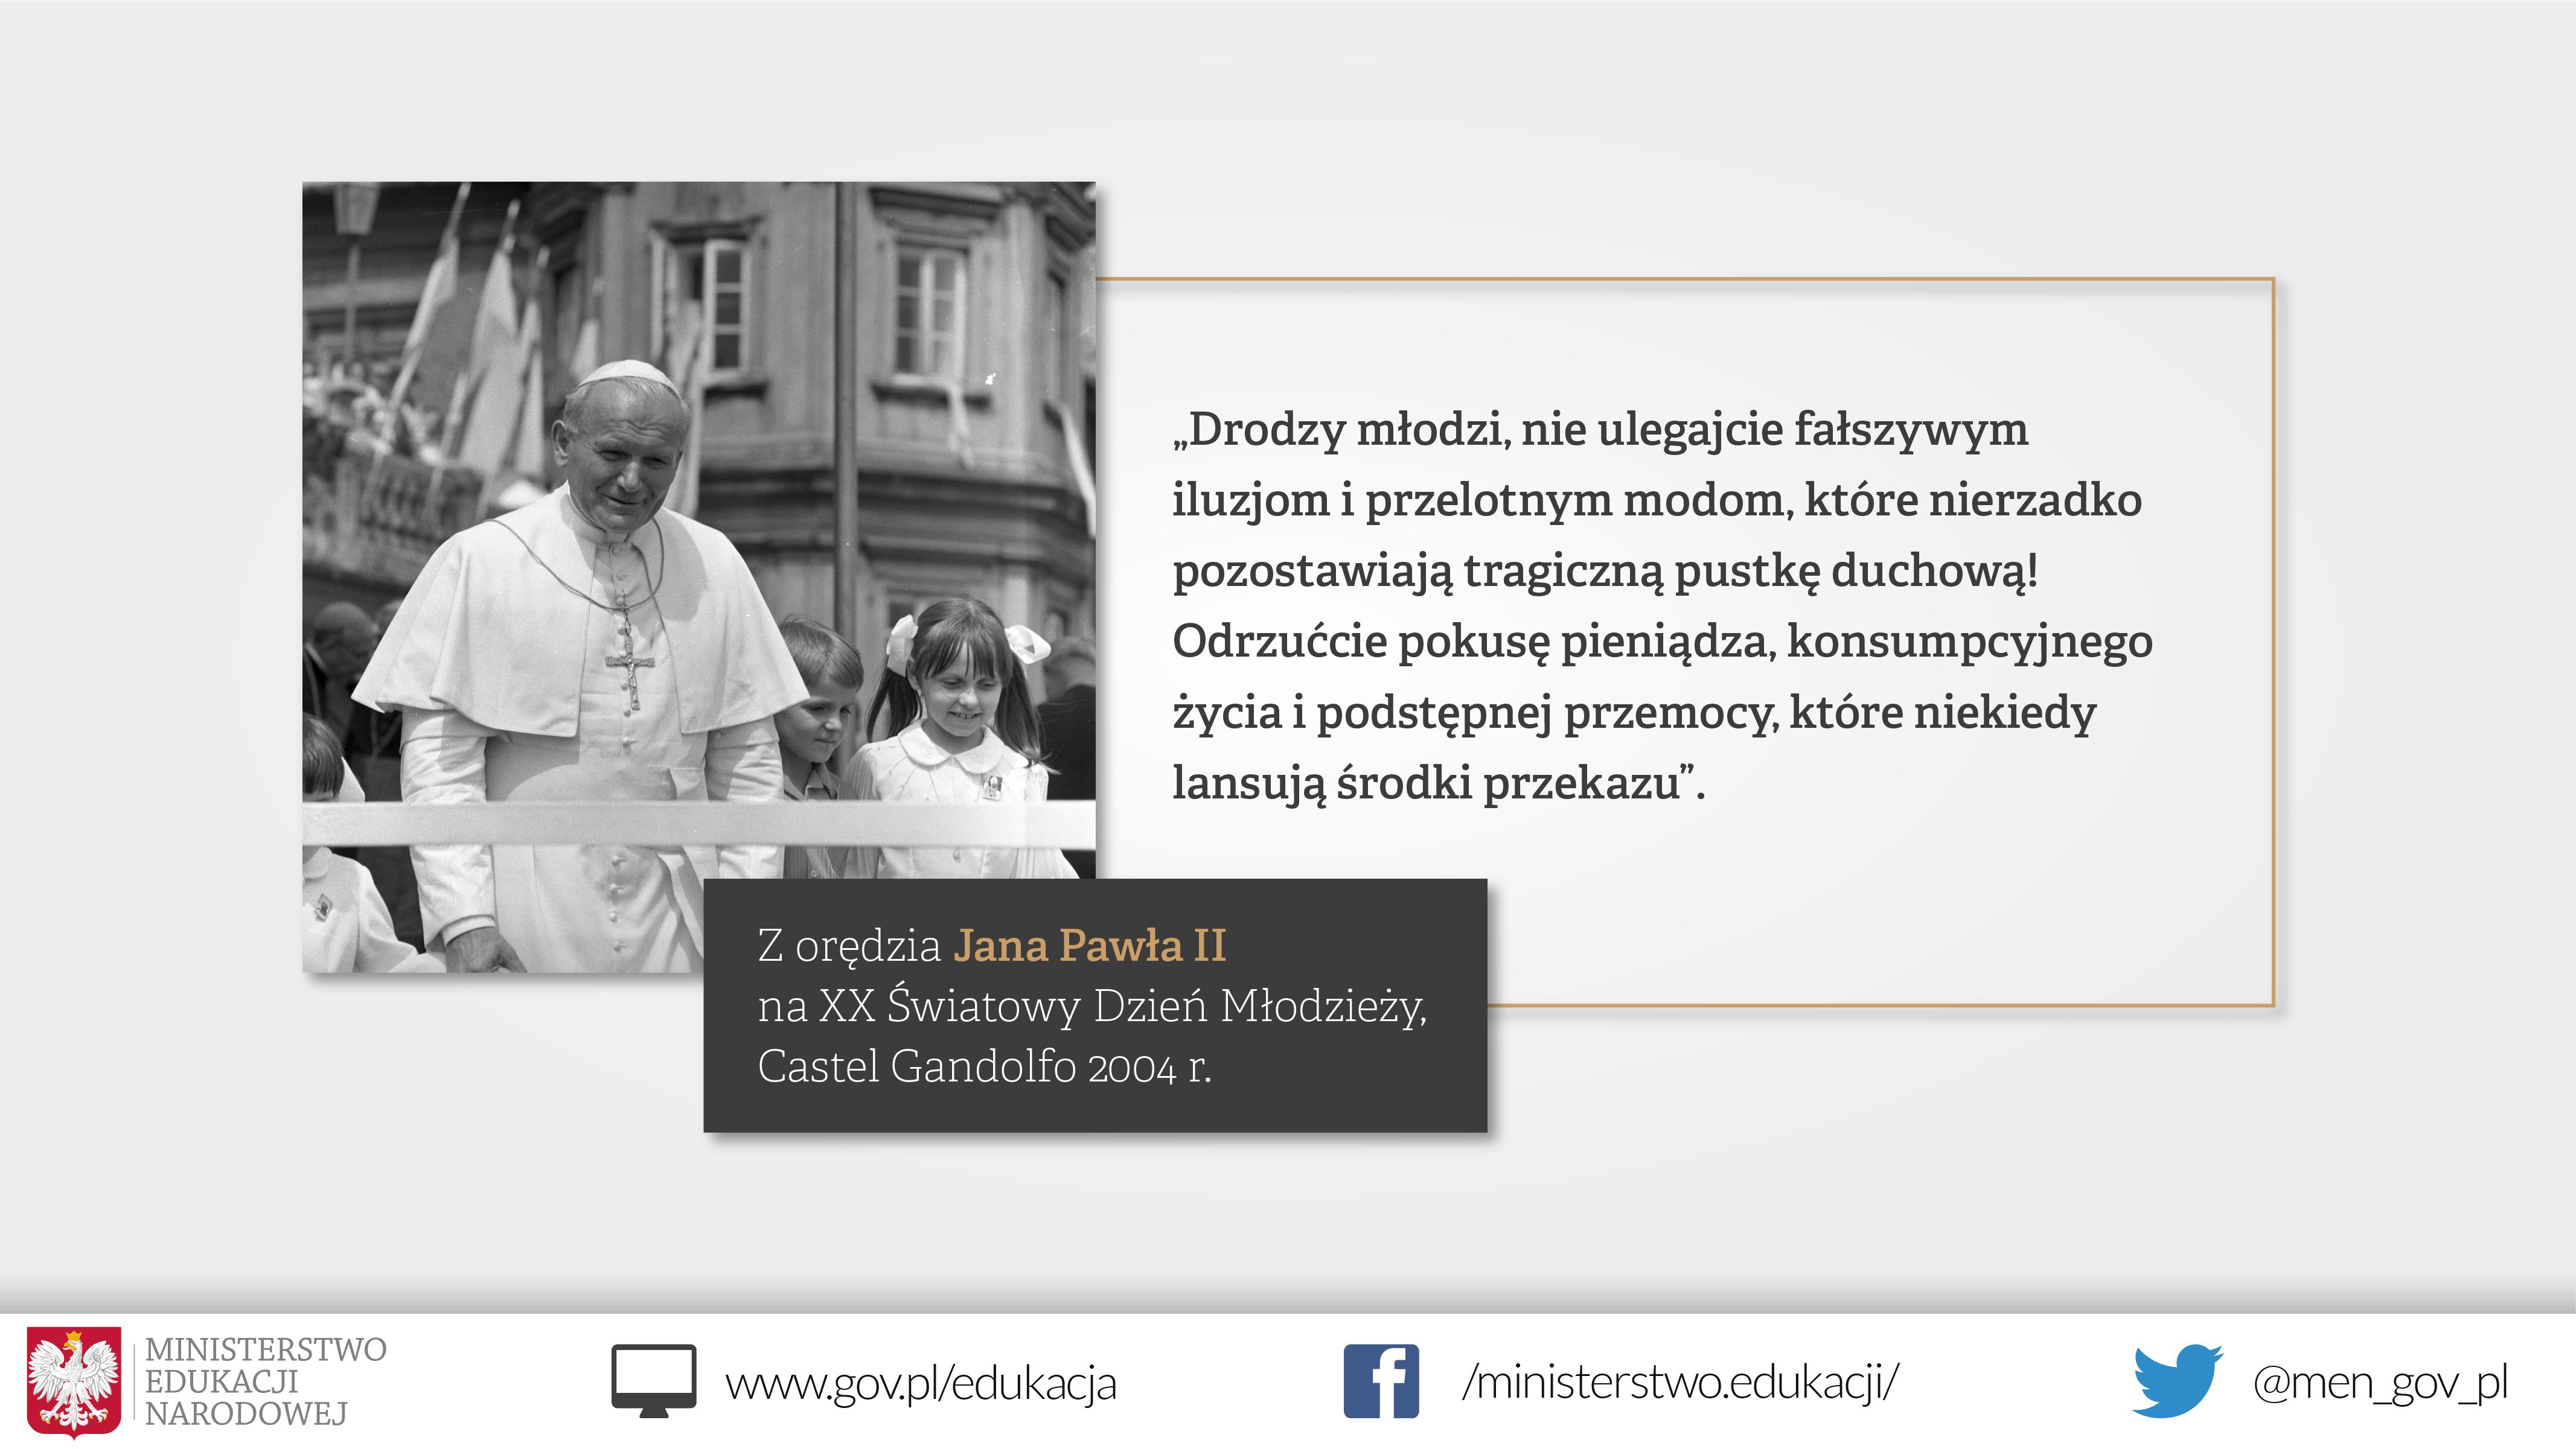 Grafika z wizerunkiem Jana Pawła II z cytatem z orędzia na XX Światowy Dzień Młodzieży - Drodzy młodzi, nie ulegajcie fałszywym iluzjom i przelotnym modom, które nie rzadko pozostawiają tragiczną pustkę duchową! Odrzućcie pokusę pieniądza, konsumpcyjnego życia i podstępnej przemocy, które niekiedy lansują środki przekazu Z orędzia Jana Pawła II na XX Światowy Dzień Młodzieży, Castel Gandolfo 2004 r.